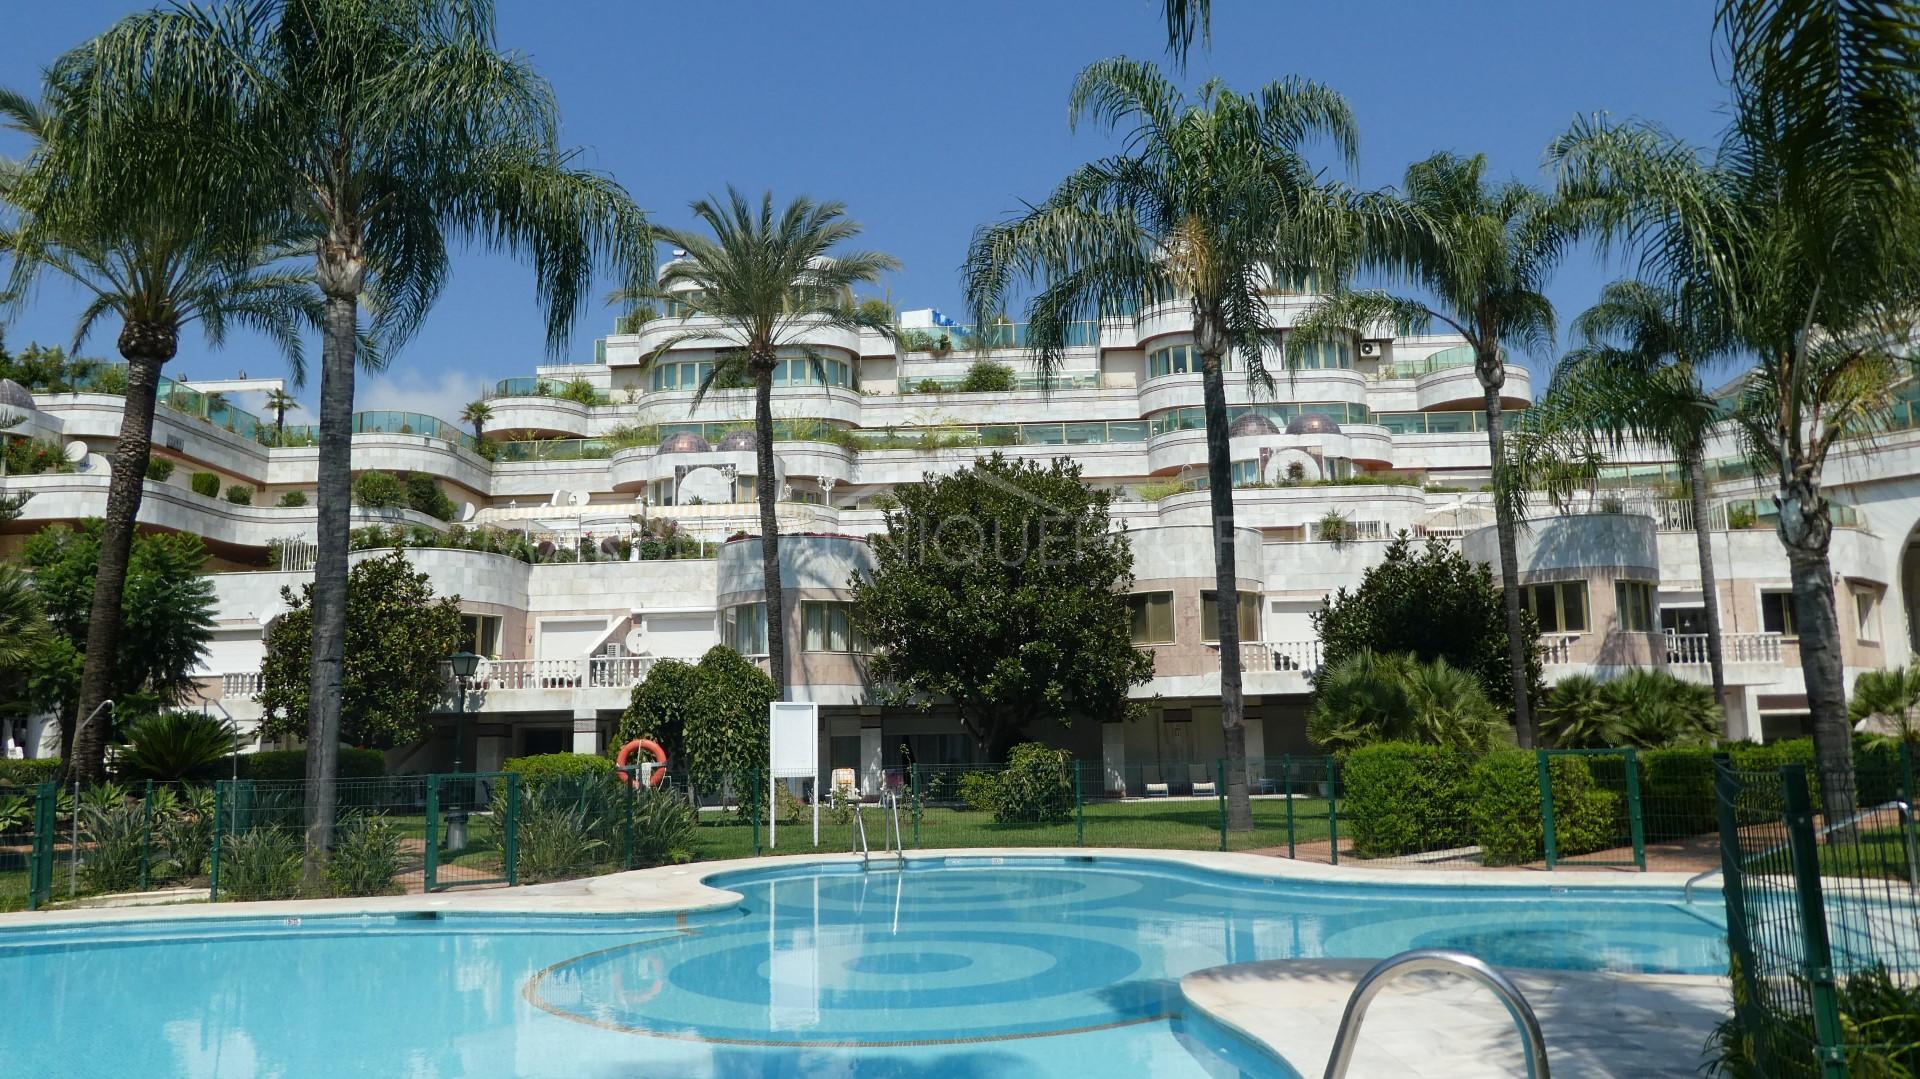 Appartements unique louer gray d 39 albion marbella puerto banus - Gray d albion puerto banus ...